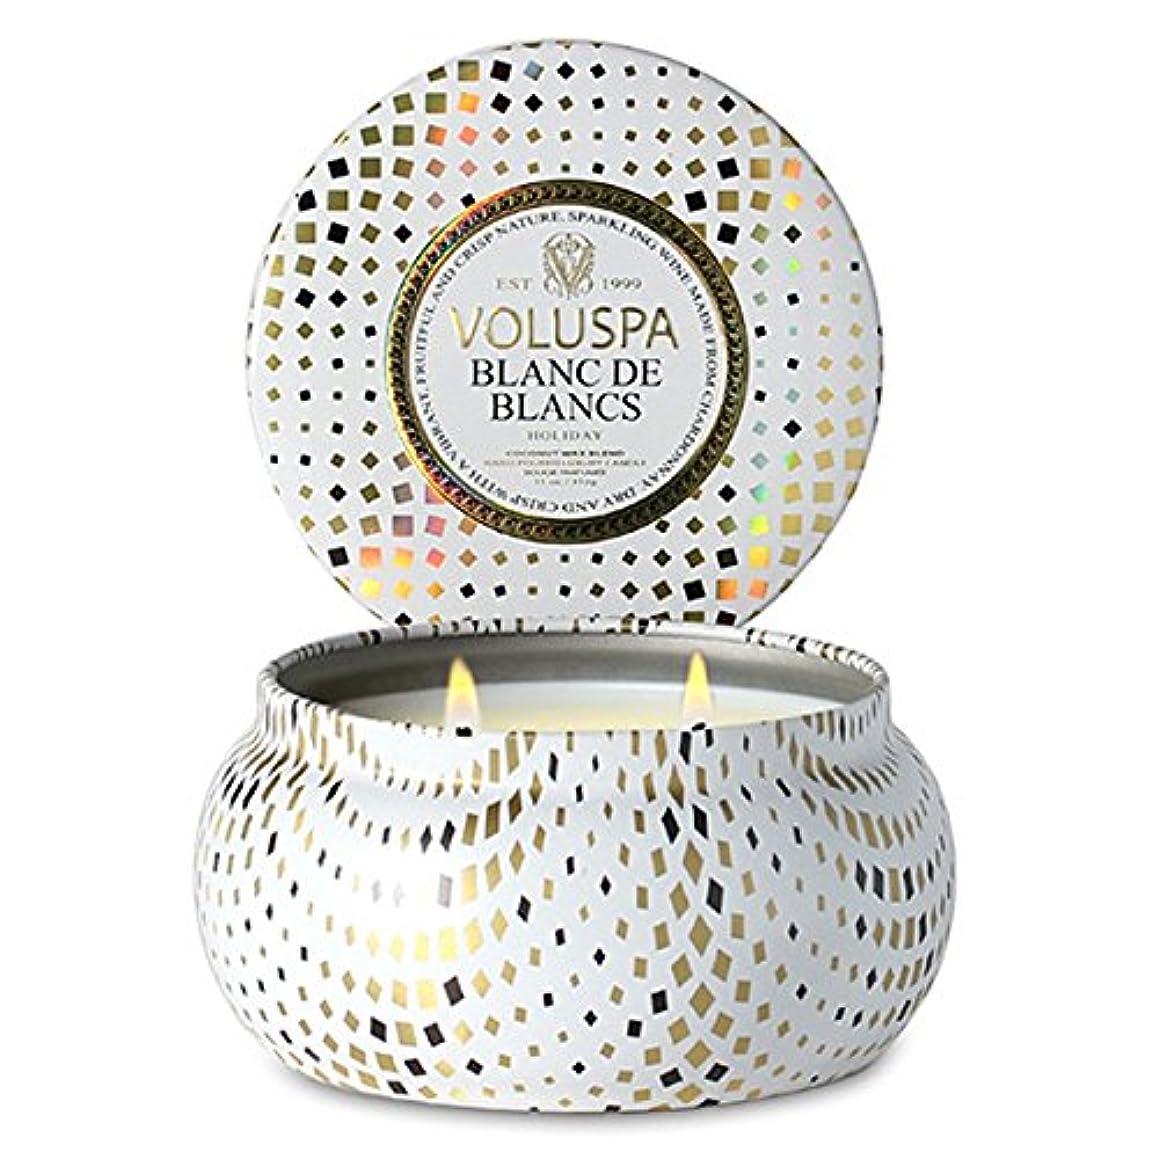 モッキンバードサスティーン物理的にVoluspa ボルスパ メゾンホリデー 2-Wick ティンキャンドル ブラン ド ブラン BLANC DE BLANCS MASION HOLIDAY 2-ウィック Tin Glass Candle